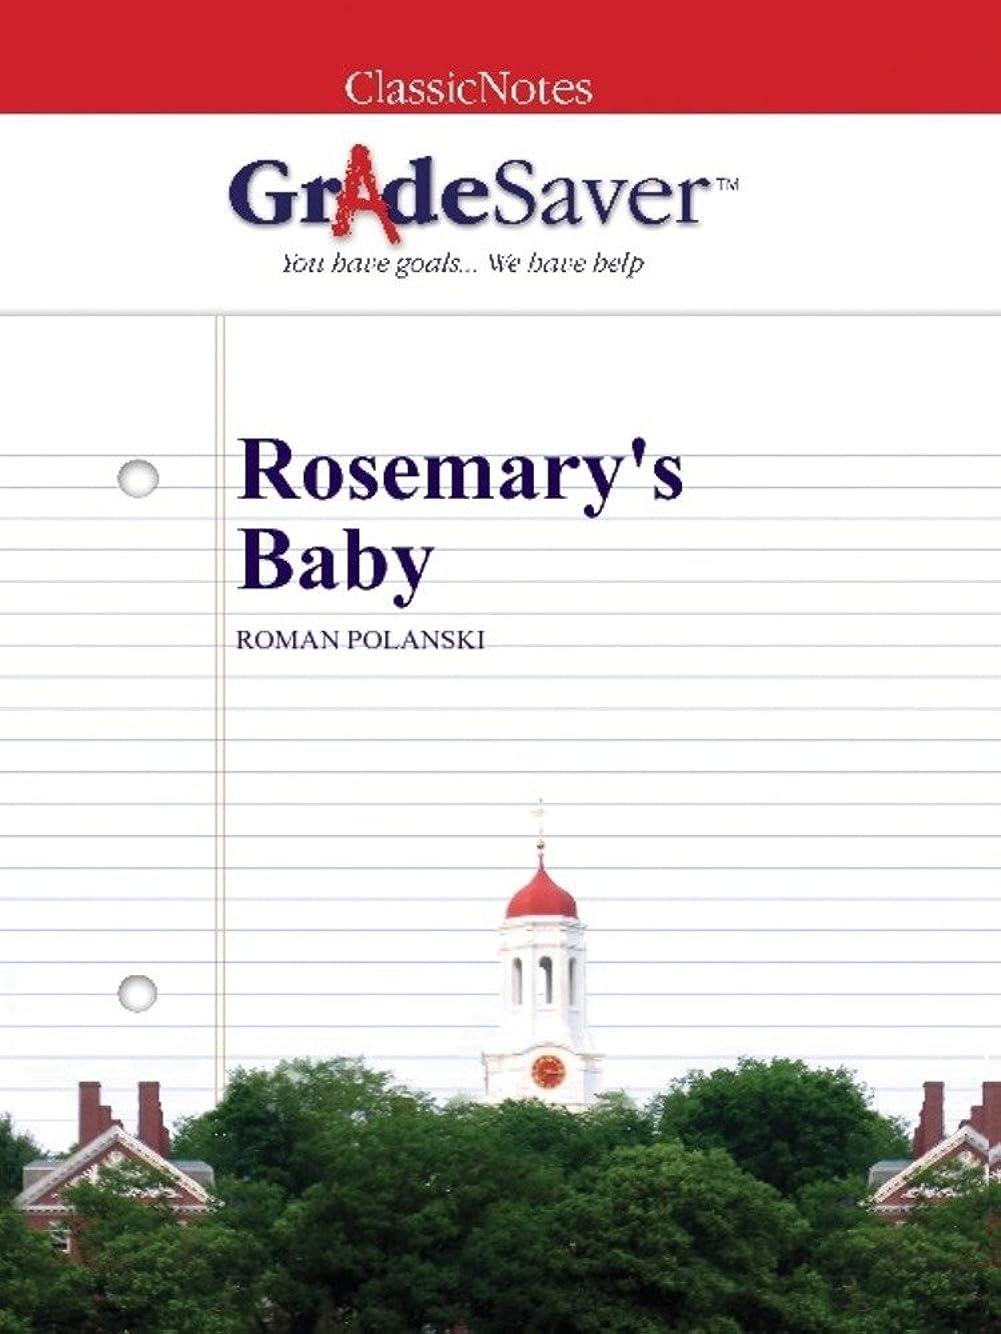 スクランブル優先反逆GradeSaver (TM) ClassicNotes: Rosemary's Baby (English Edition)